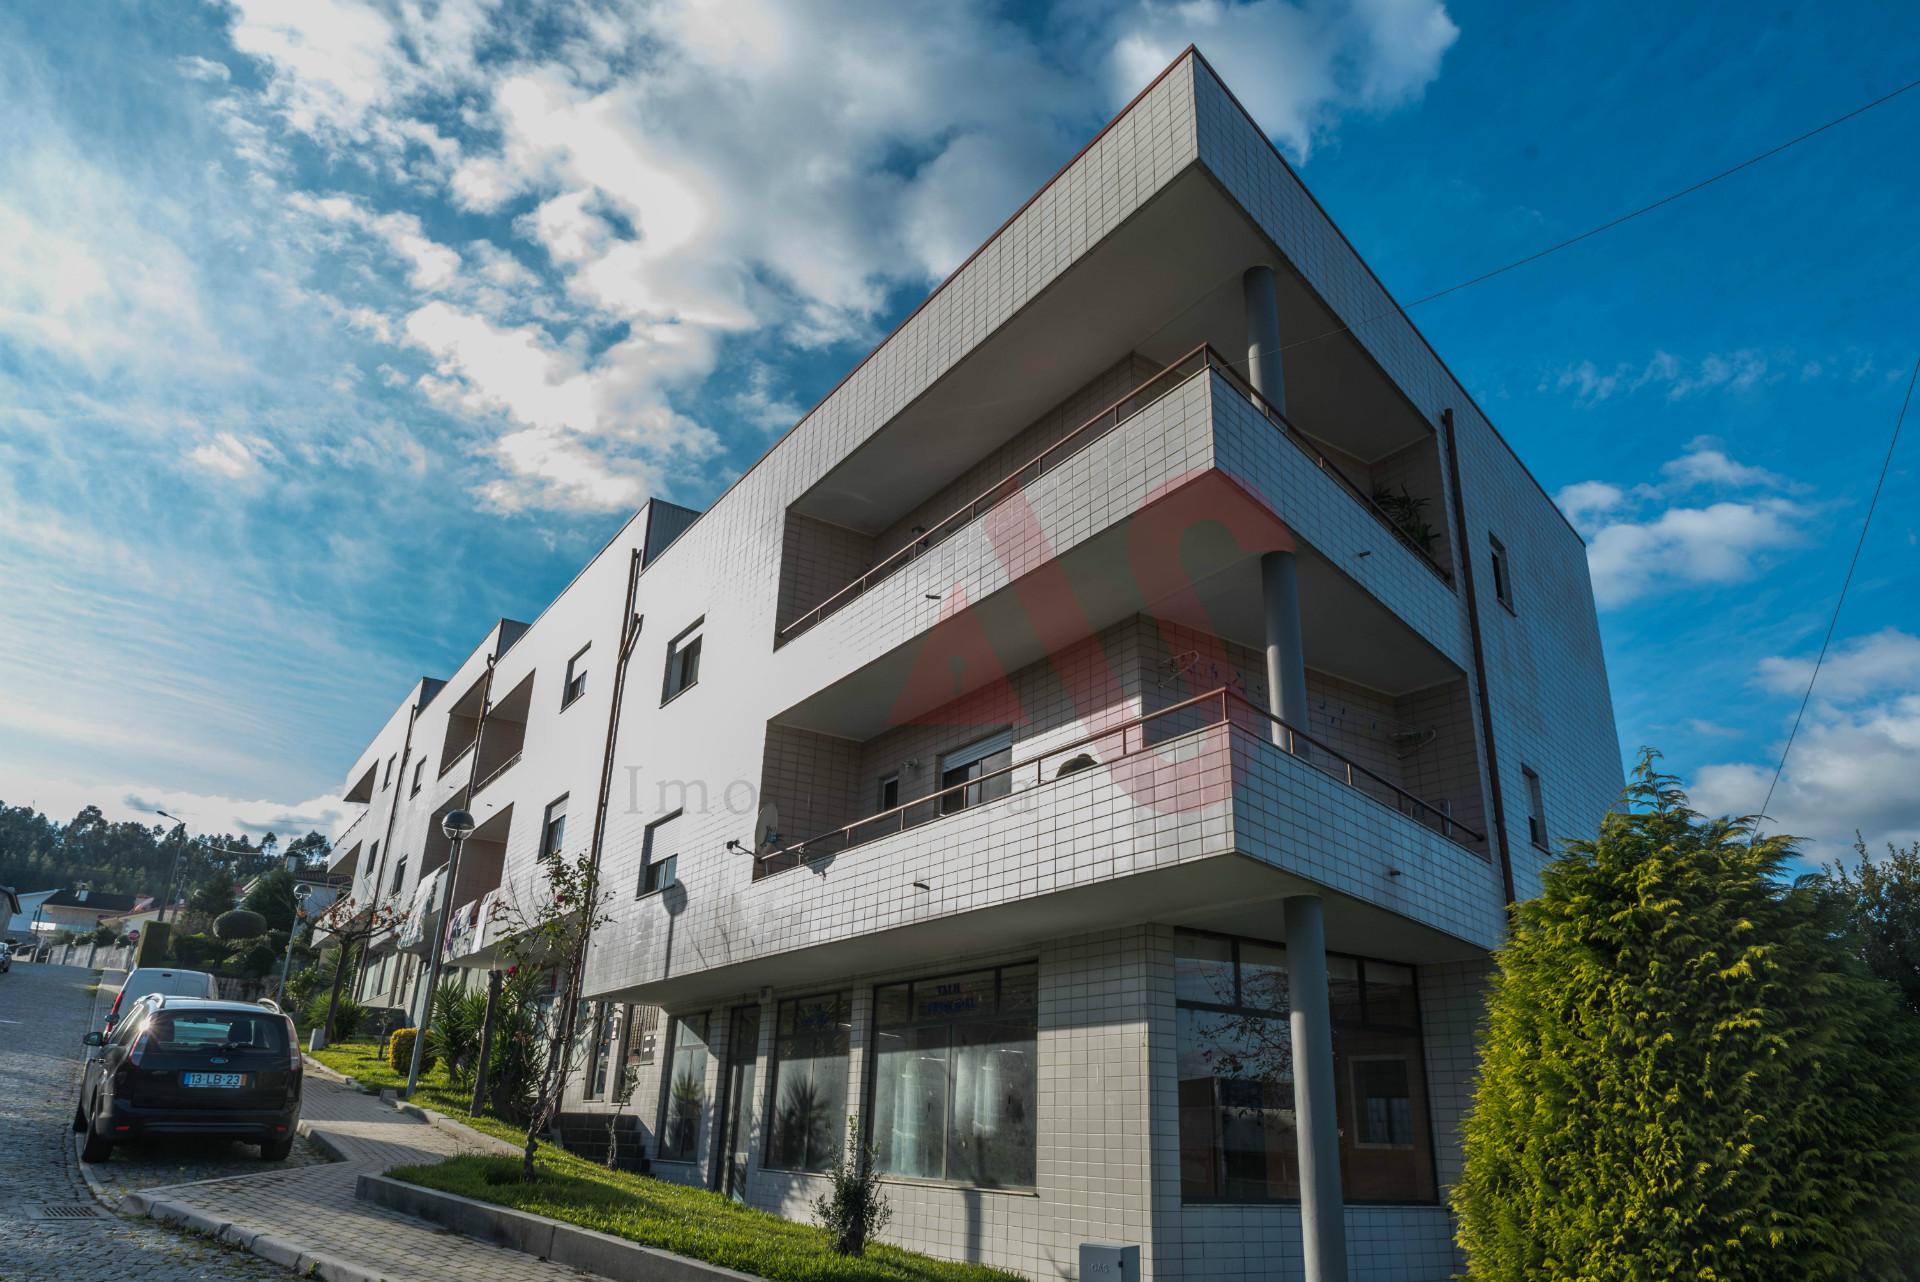 Apartamento T3 em Sande São Clemente, Guimarães